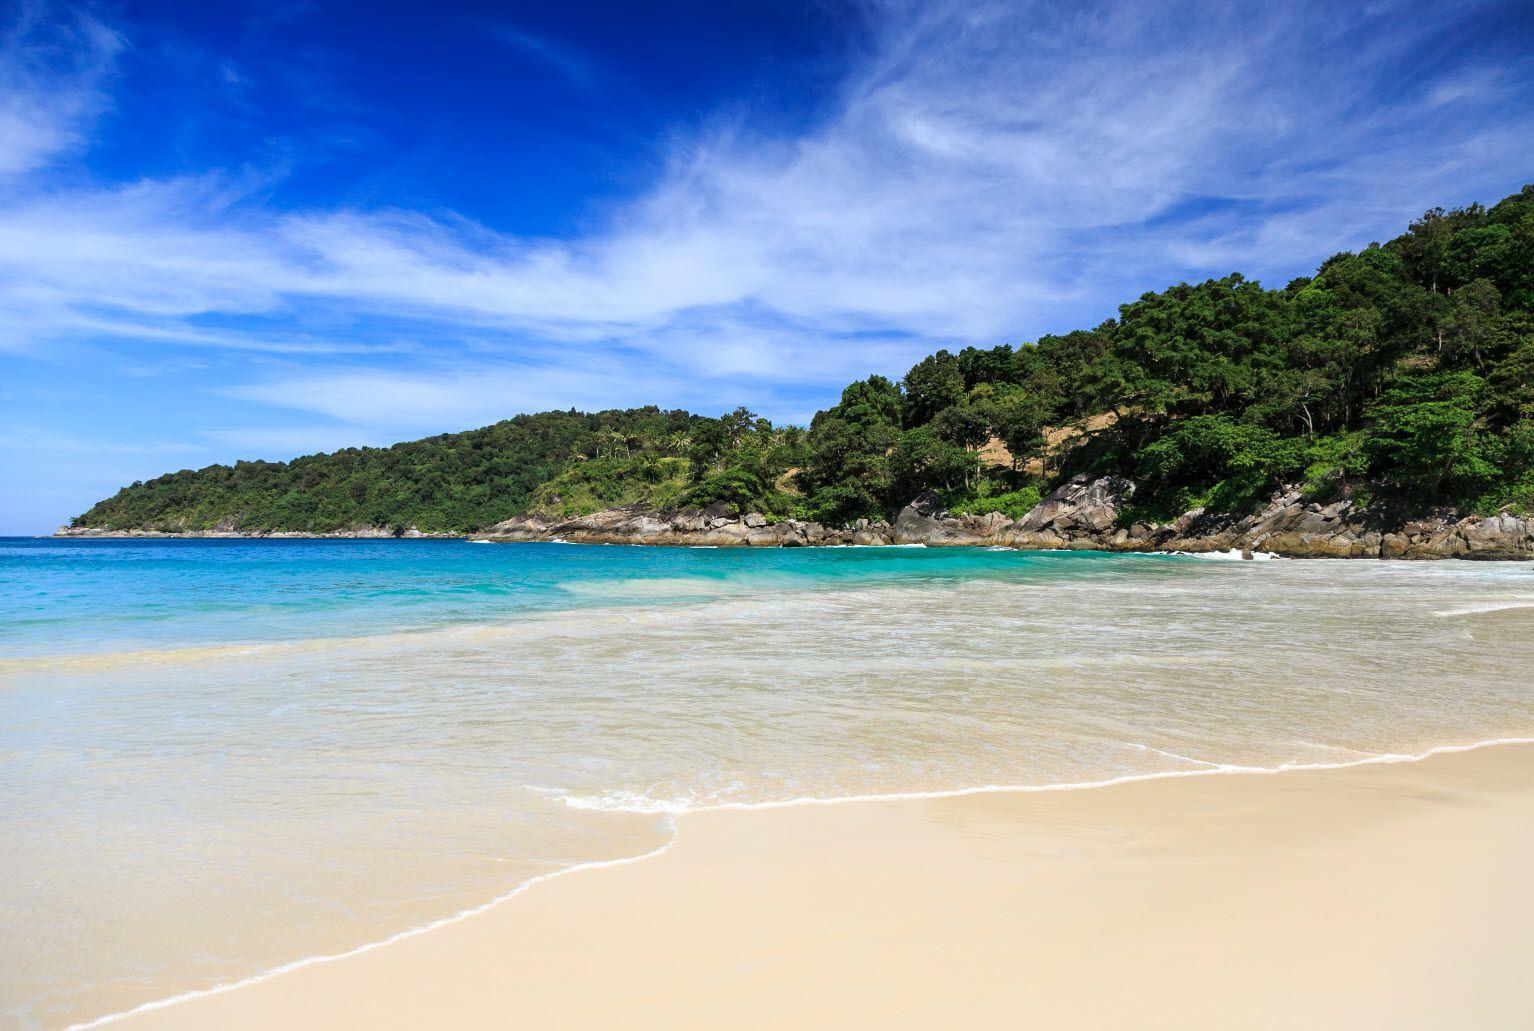 Лучшие пляжи Пхукета фото 3